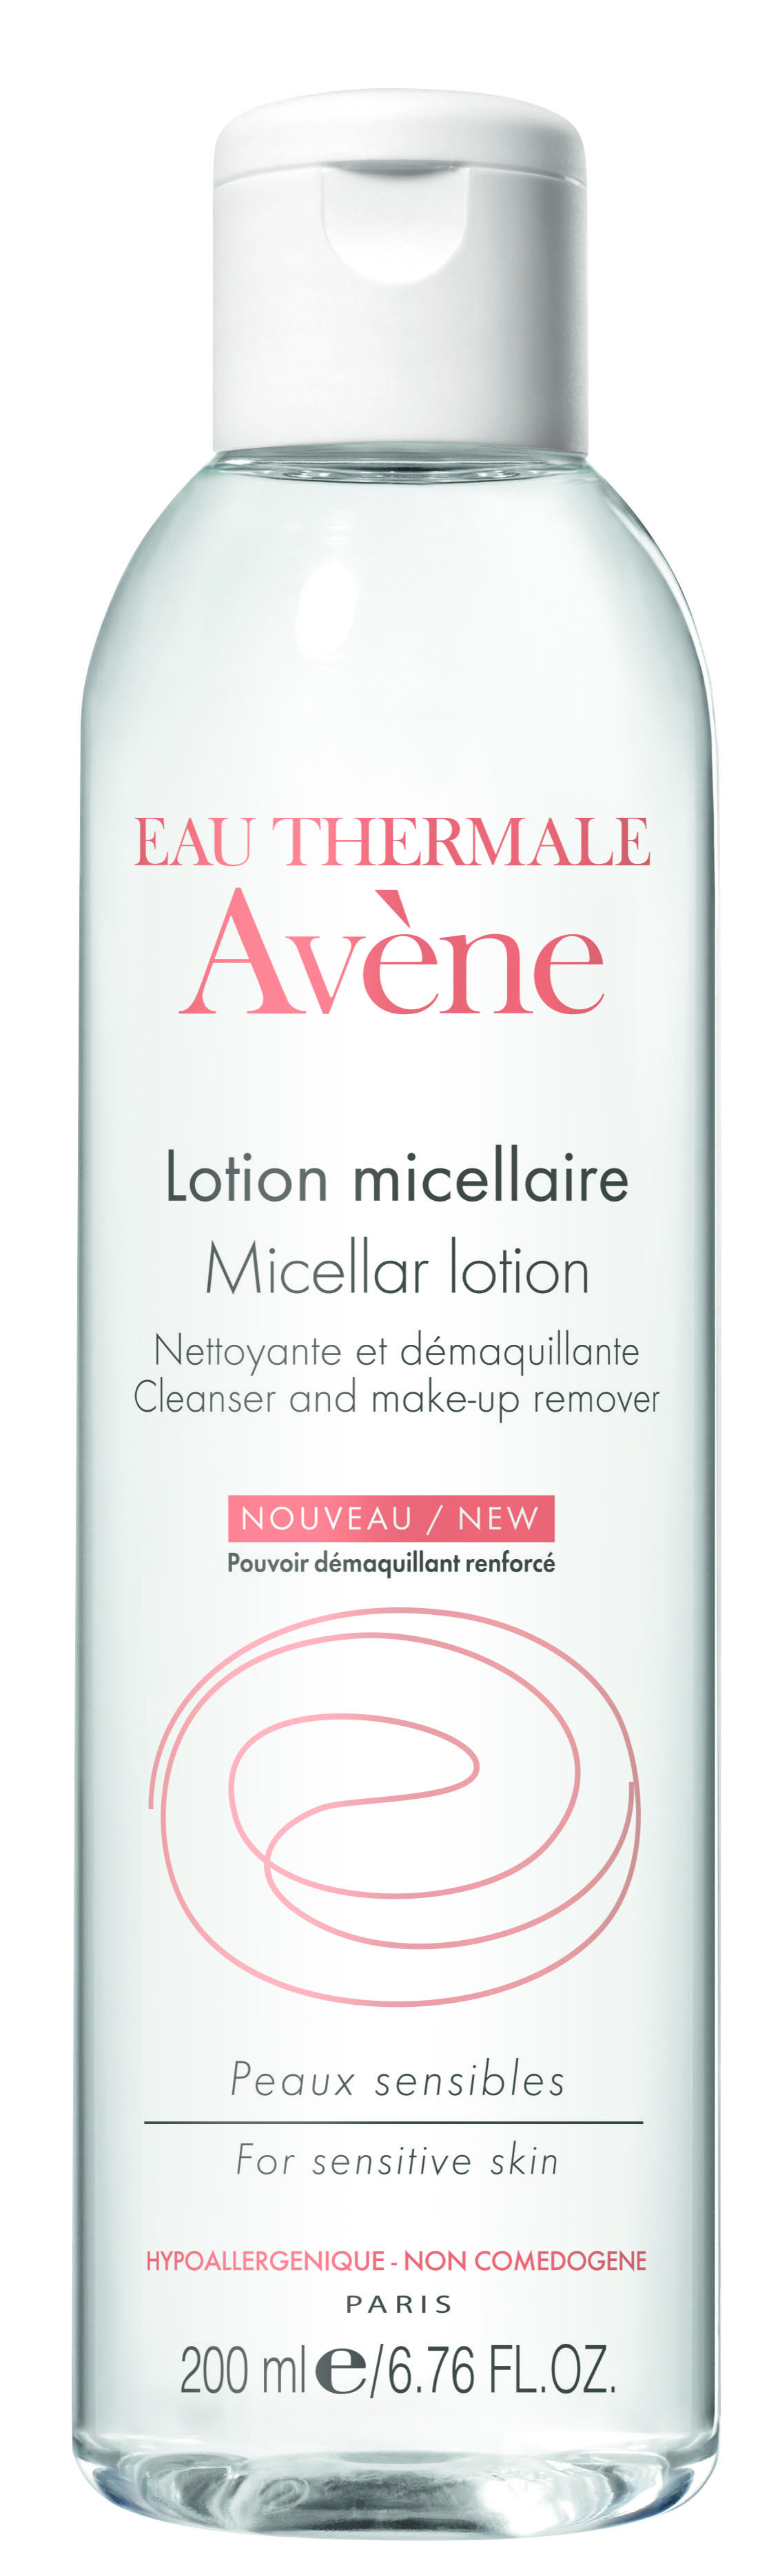 Image AVENE SOINS ESSENTIELS lotion micellaire nettoyante démaquillante